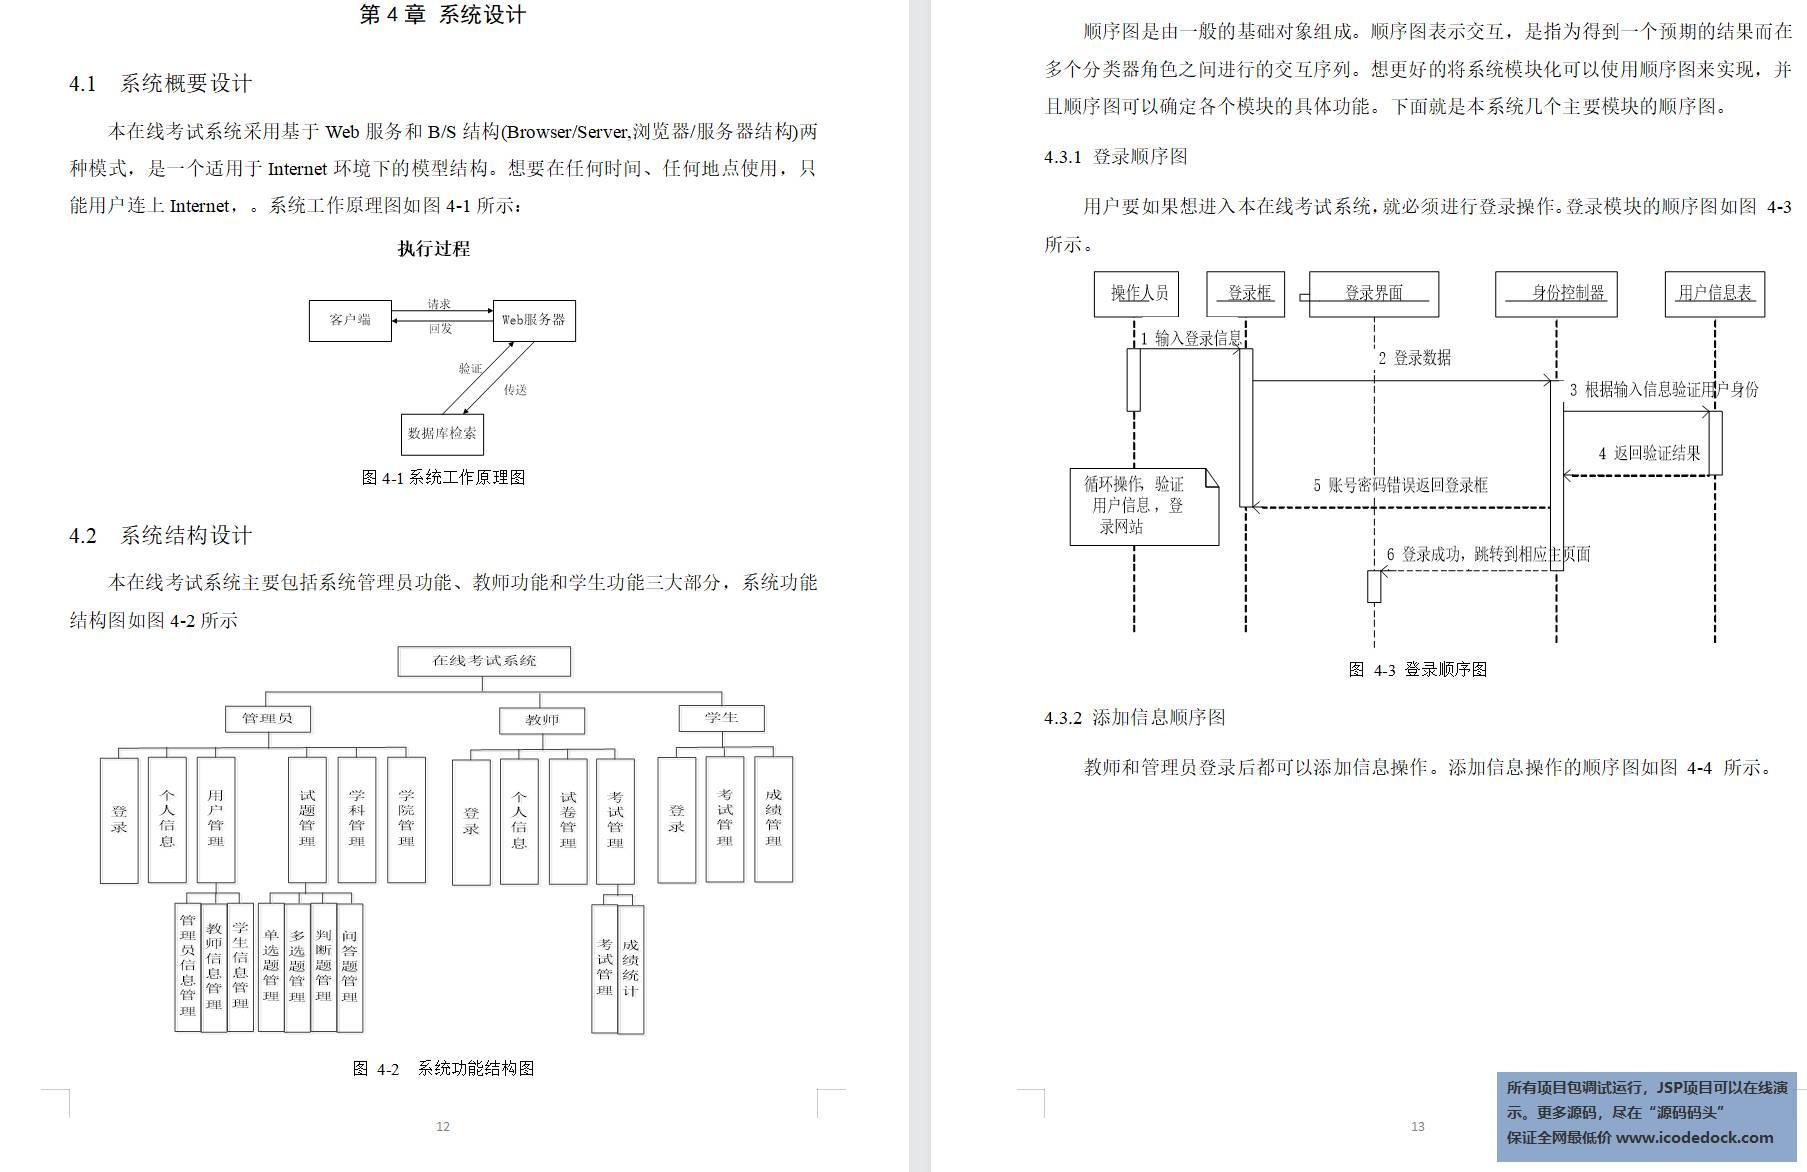 源码码头-SSH在线考试网站管理系统-设计文稿-截图2